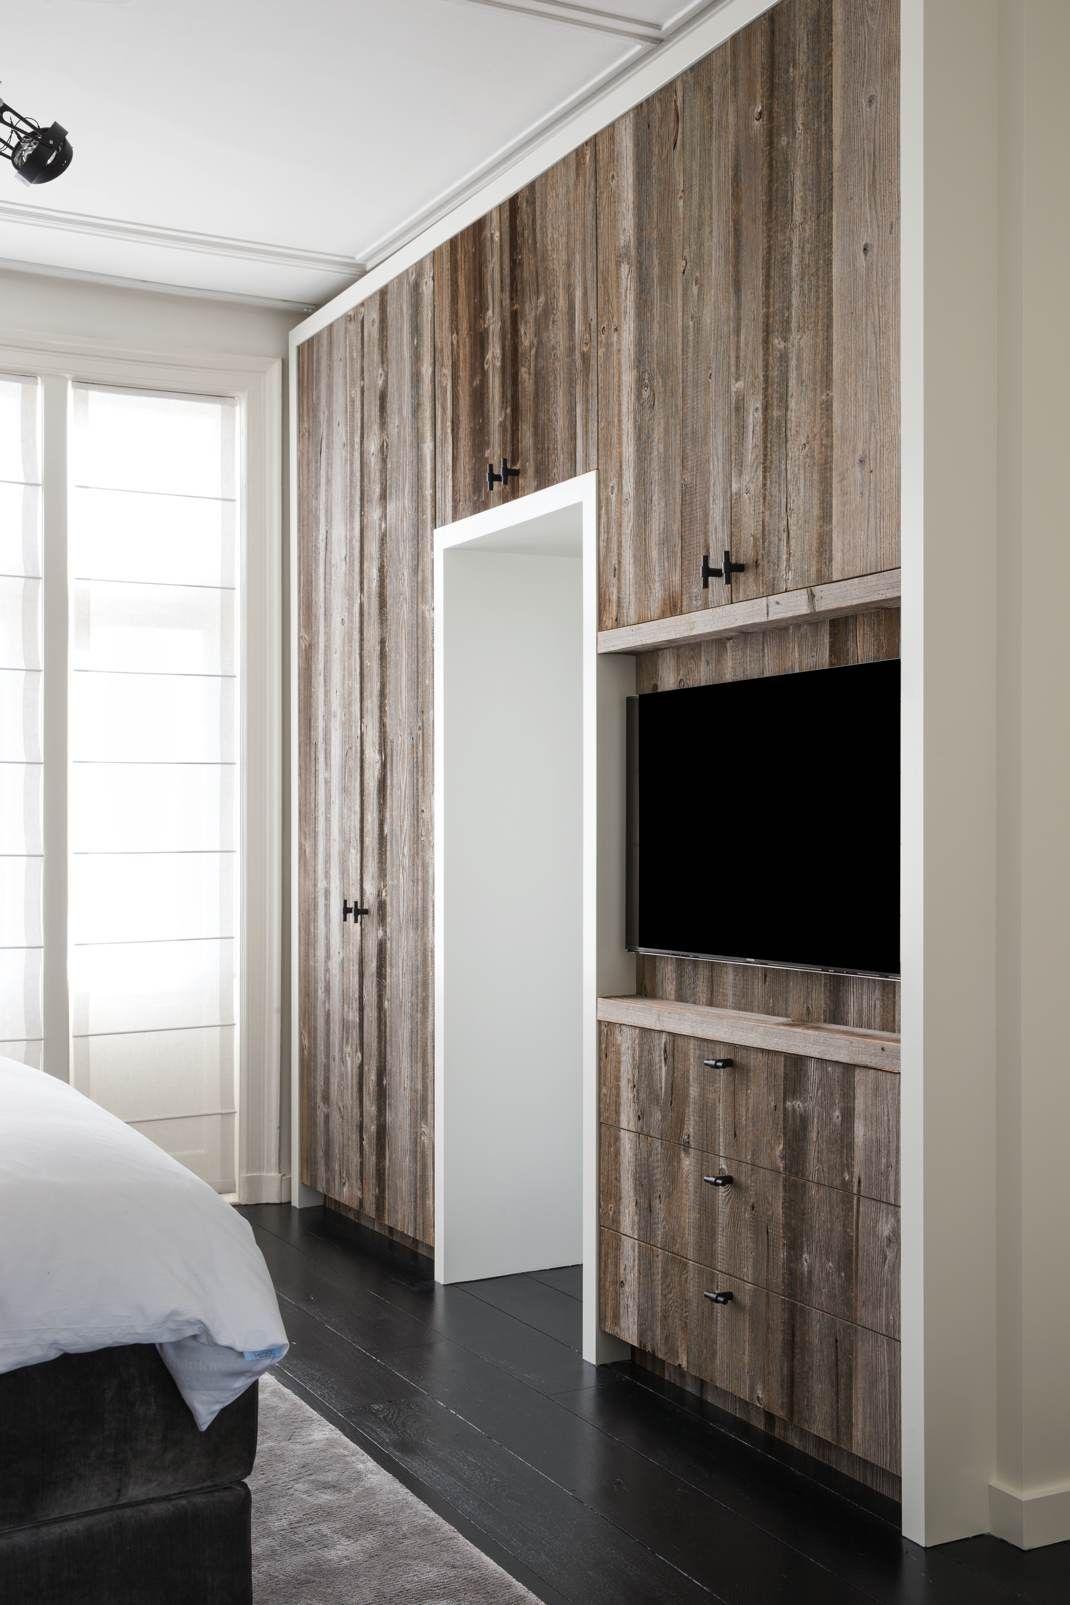 Clairz Interior Design Huis In Leiden Hoog Exclusieve